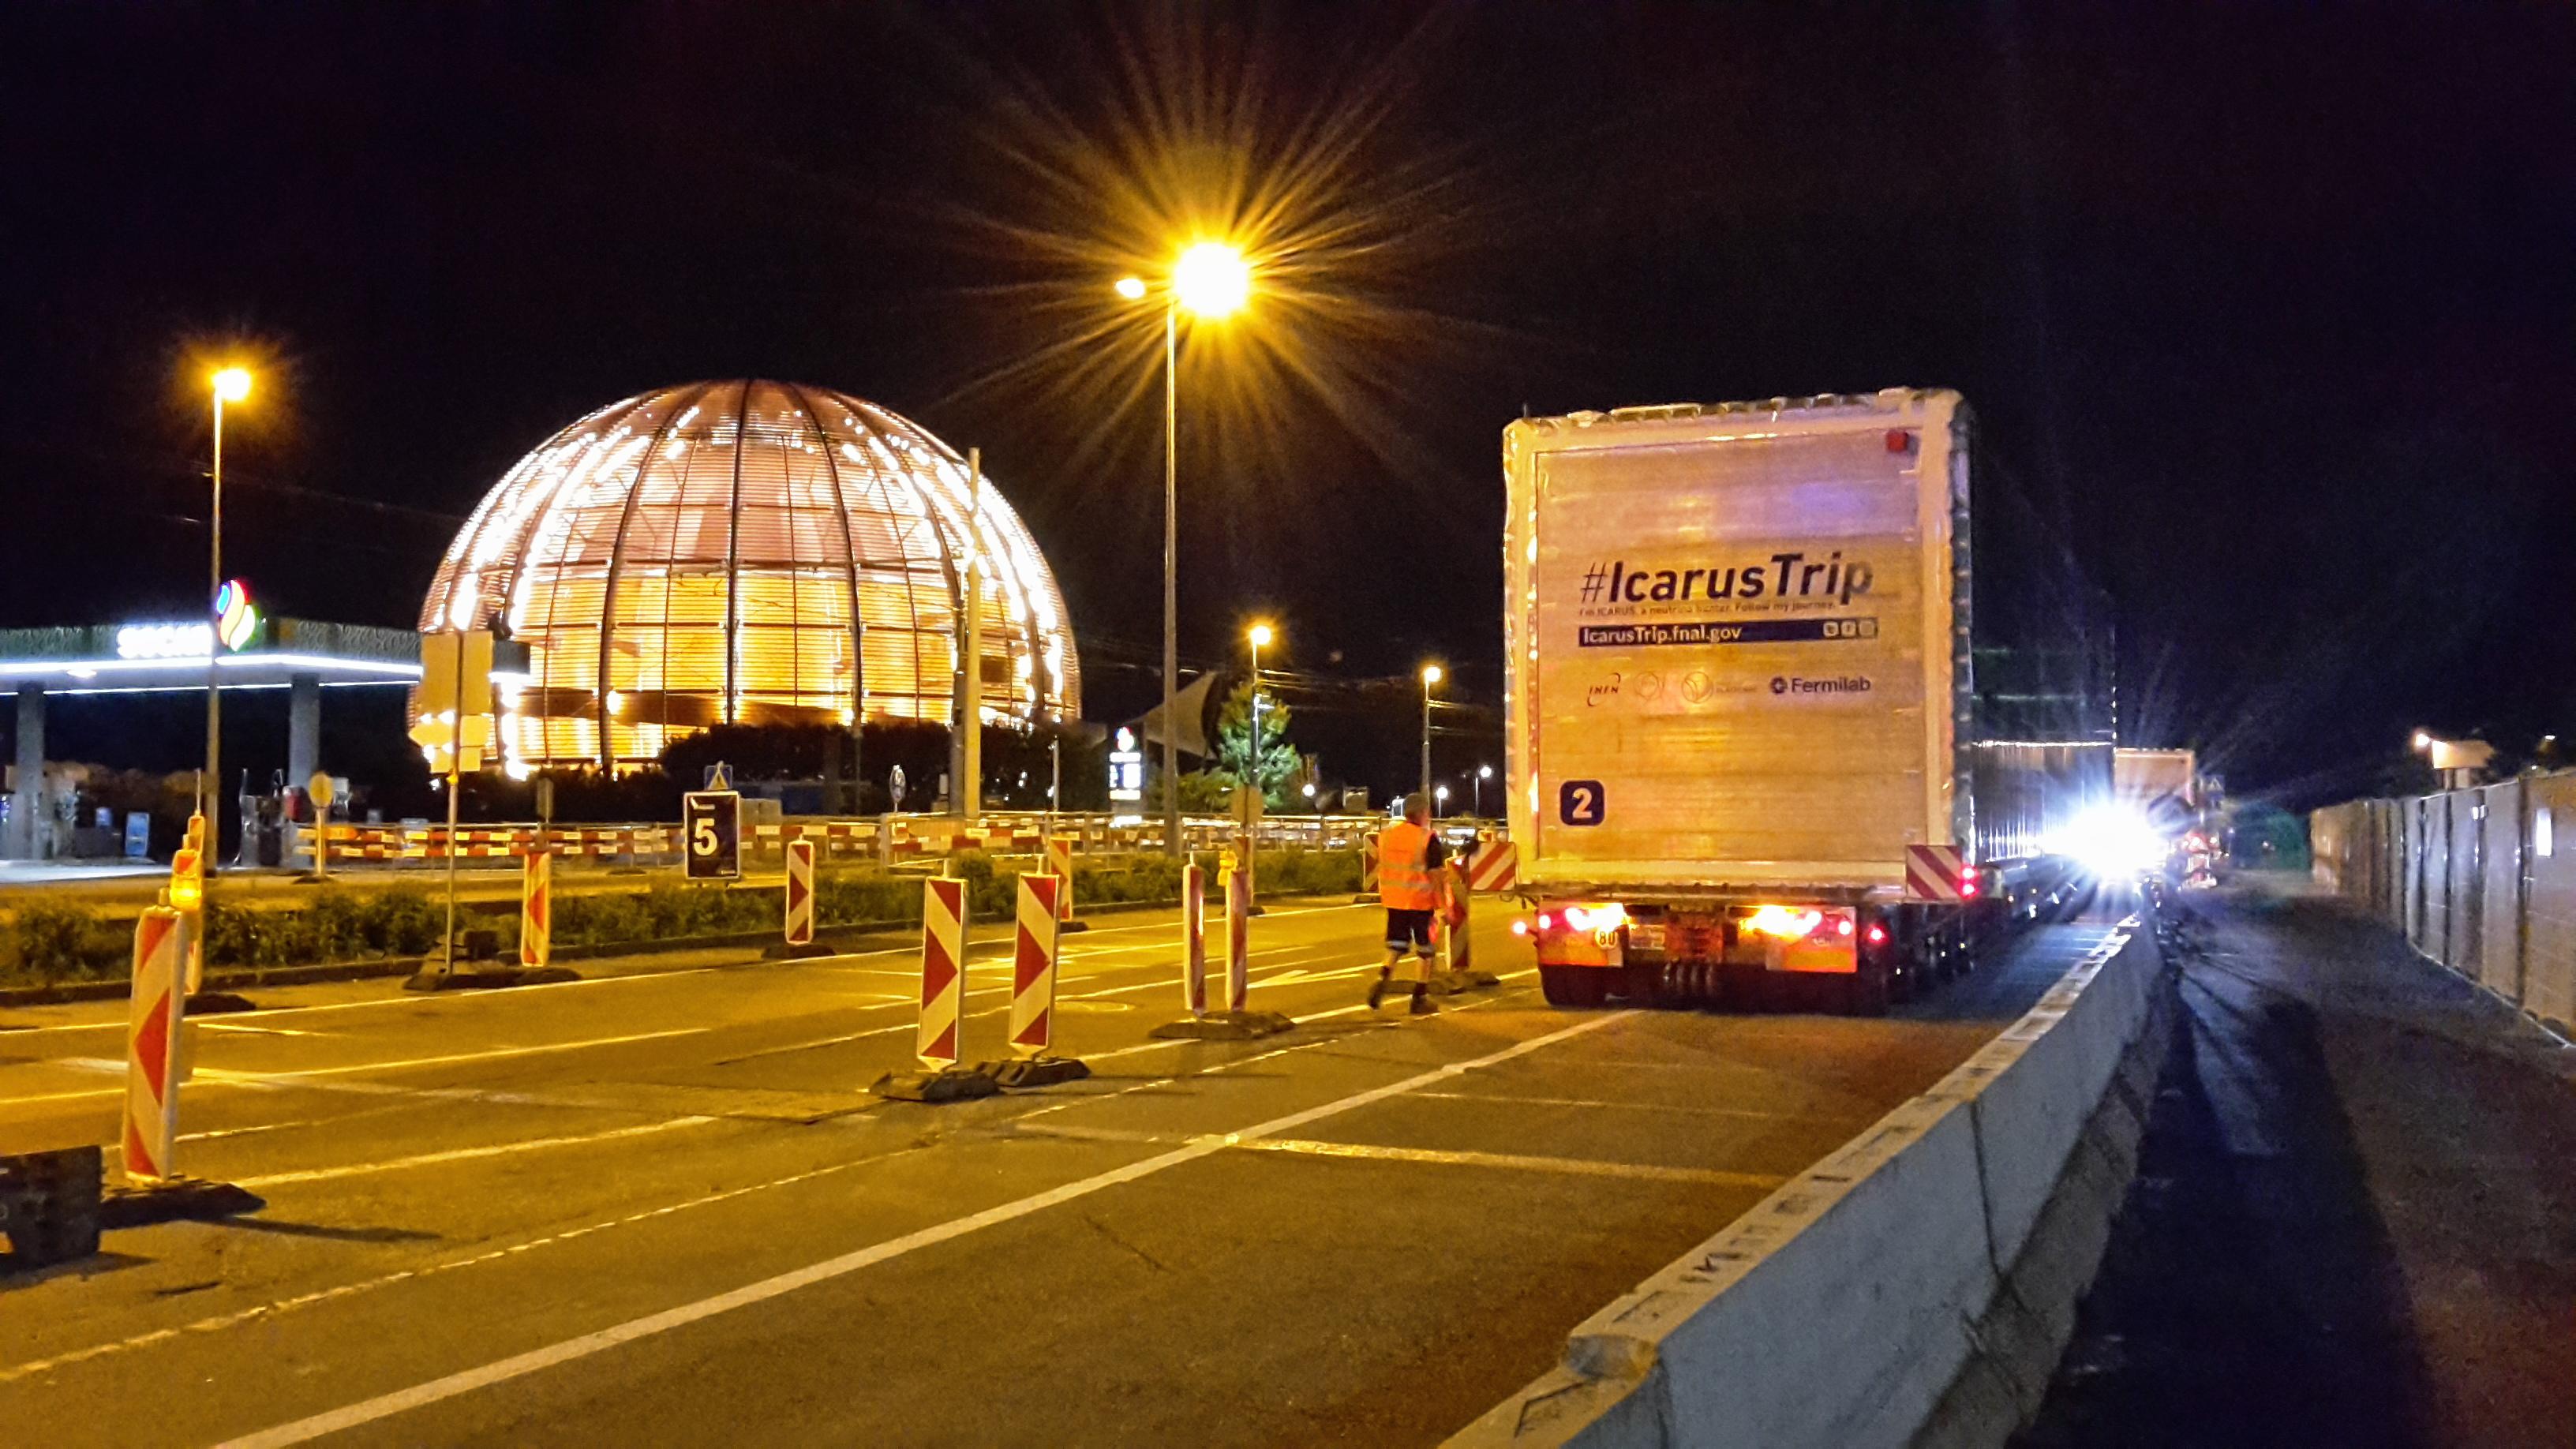 ICARUS_Departure_CERN_3